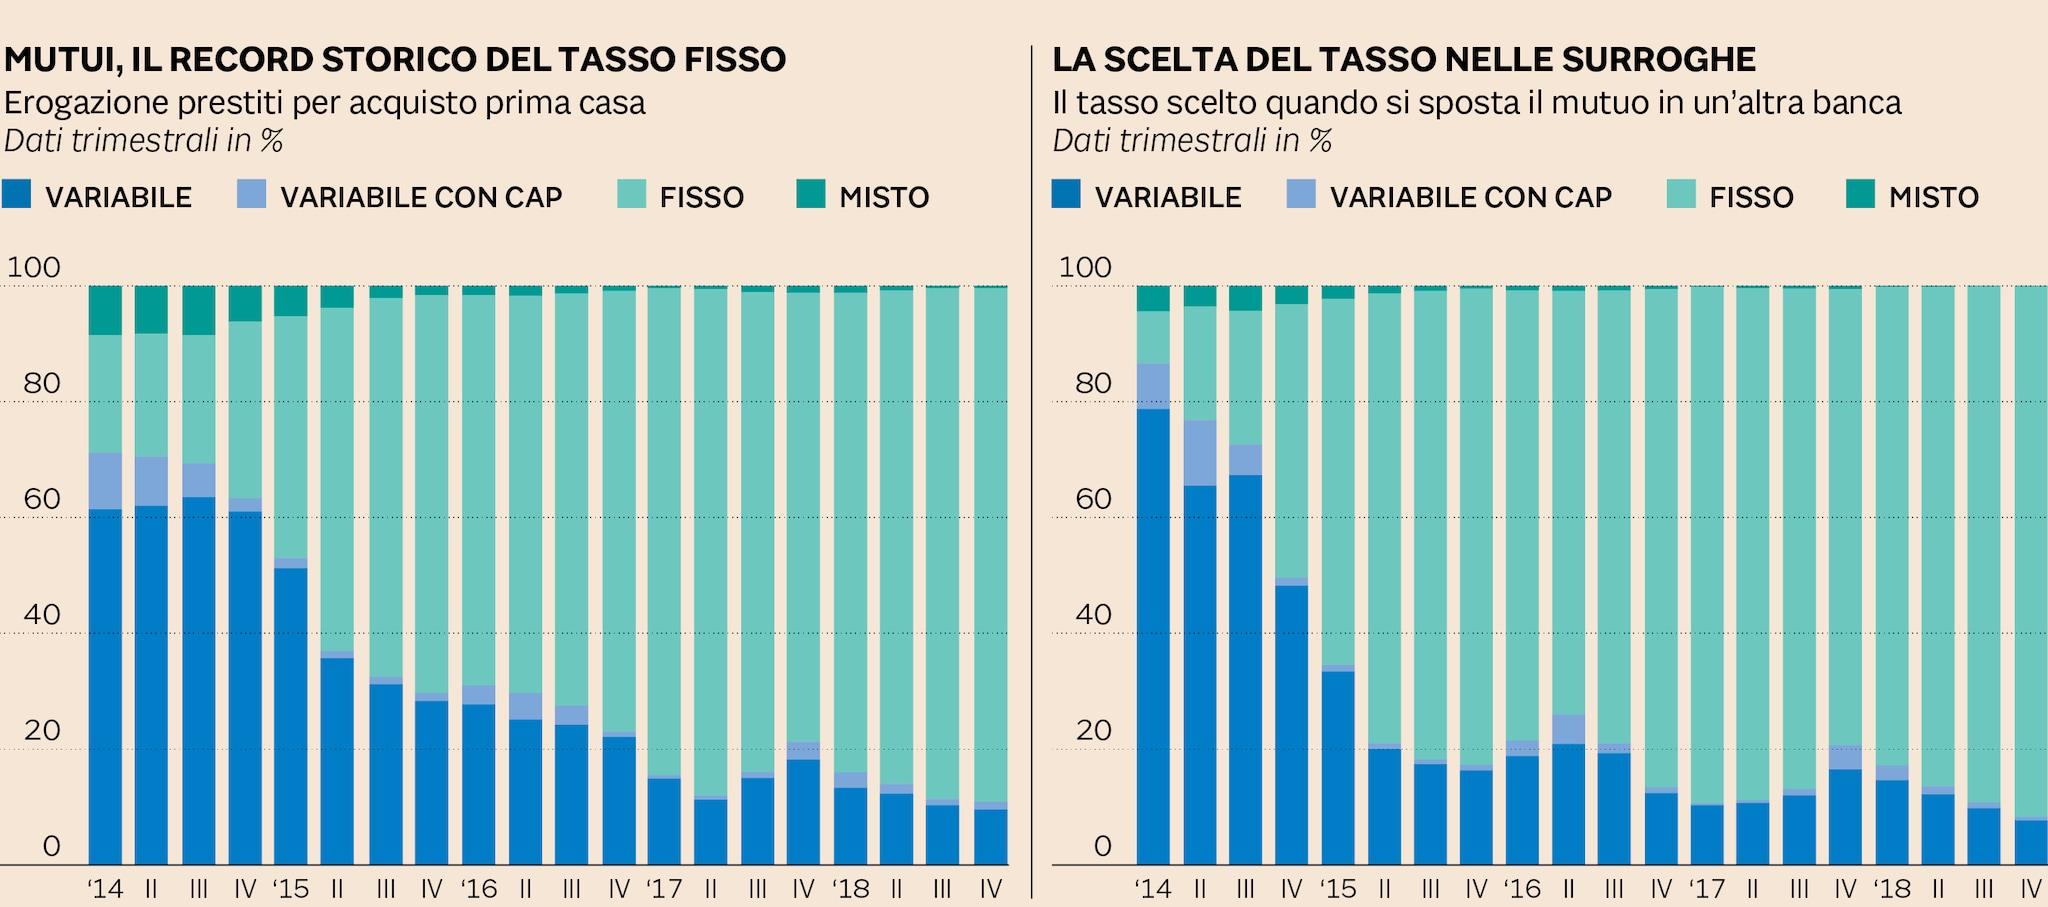 LA CORSA AL TASSO FISSO